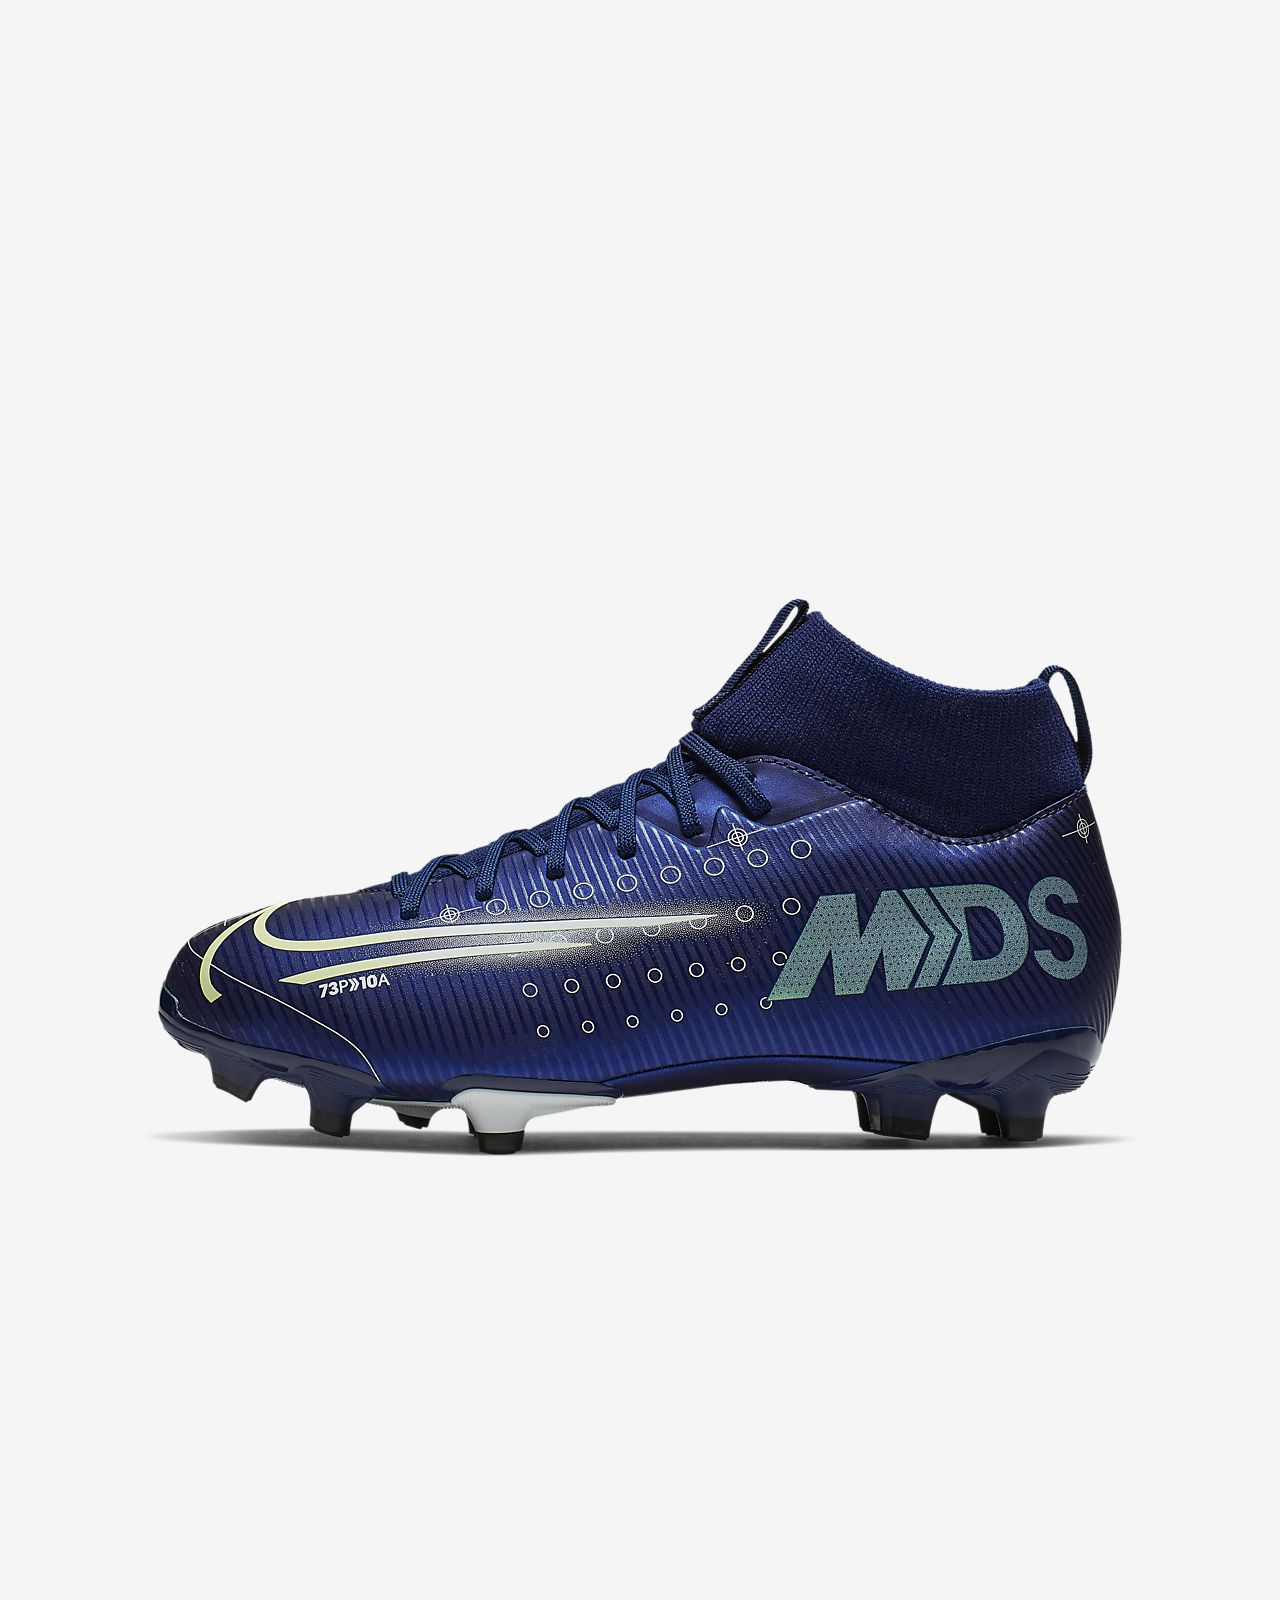 Calzado de fútbol para múltiples superficies para niños talla pequeña/grande Nike Jr. Mercurial Superfly 7 Academy MDS MG